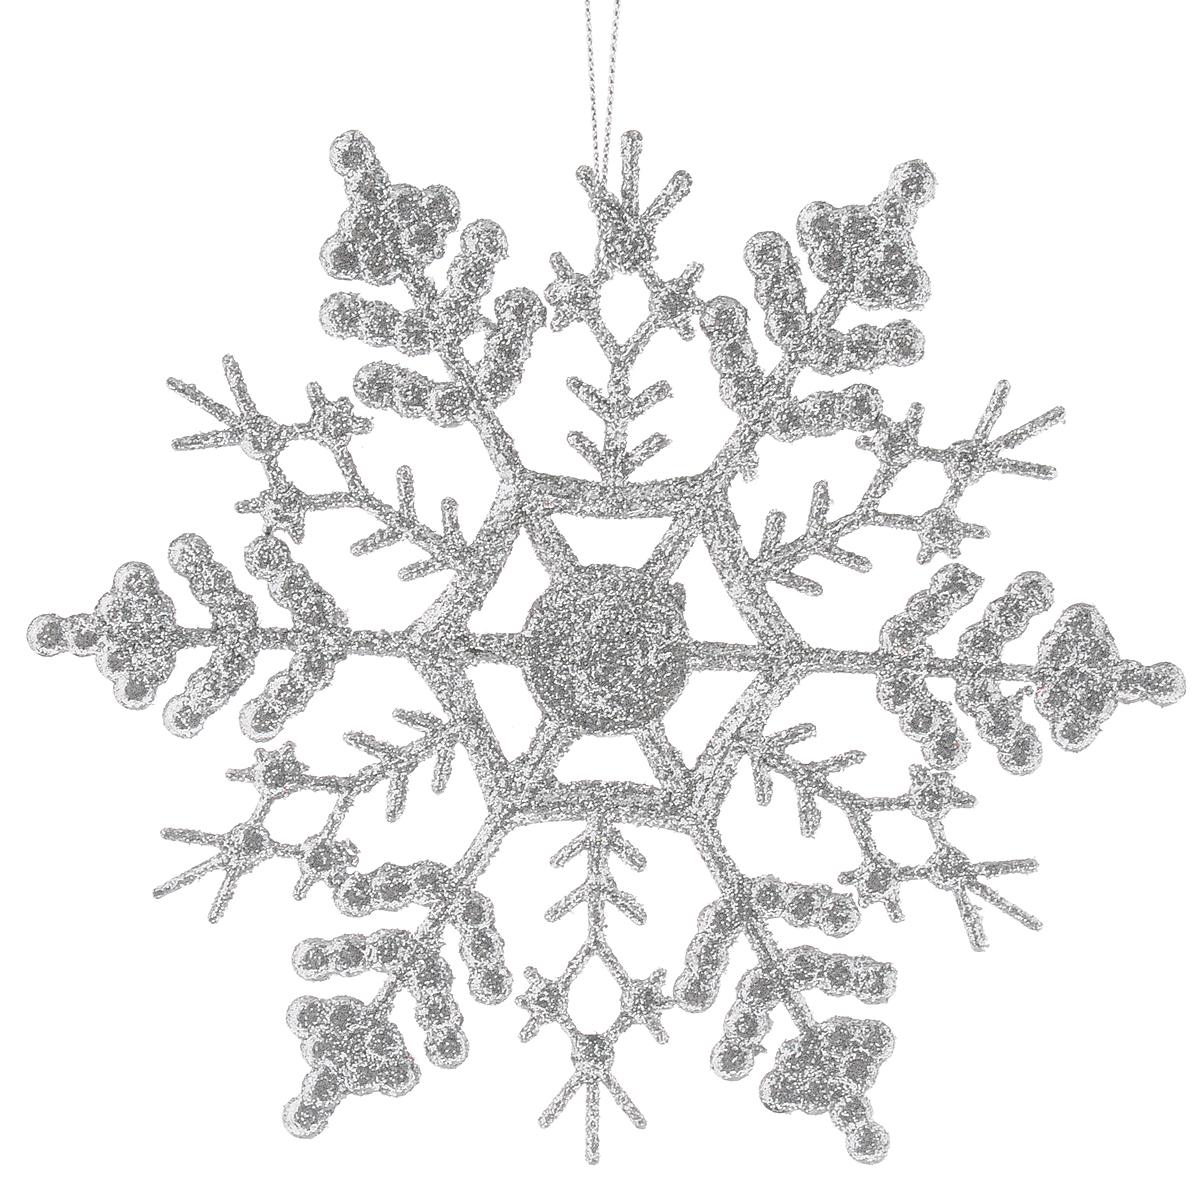 Украшение новогоднее подвесное Magic Time Снежинка-паутинка серебряная, высота 16,5 см38727/75096Новогоднее подвесное украшение Magic Time Снежинка-паутинка серебряная выполнено из полипропилена в виде снежинки и украшено блестками. С помощью специальной петельки украшение можно повесить в любом понравившемся вам месте. Но, конечно, удачнее всего оно будет смотреться на праздничной елке.Елочная игрушка - символ Нового года. Она несет в себе волшебство и красоту праздника. Создайте в своем доме атмосферу веселья и радости, украшая новогоднюю елку нарядными игрушками, которые будут из года в год накапливать теплоту воспоминаний.